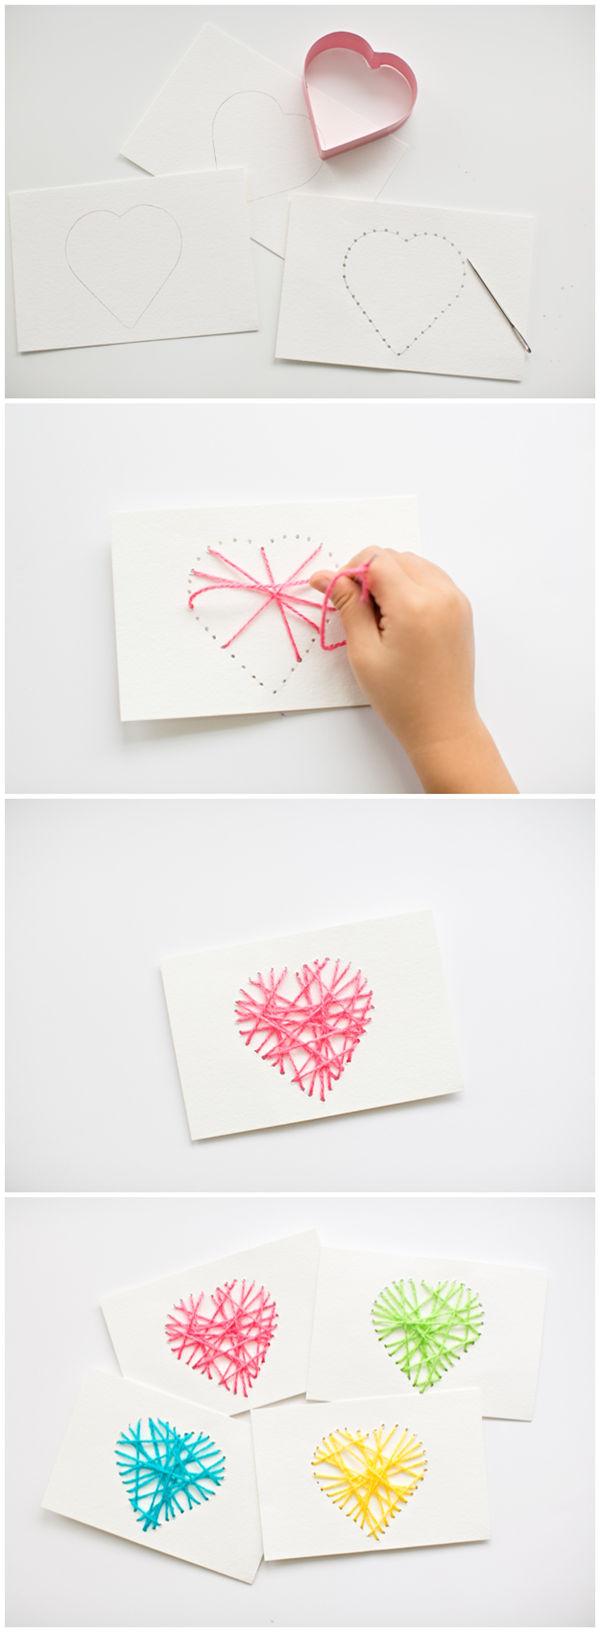 Make String Heart Yarn Cards